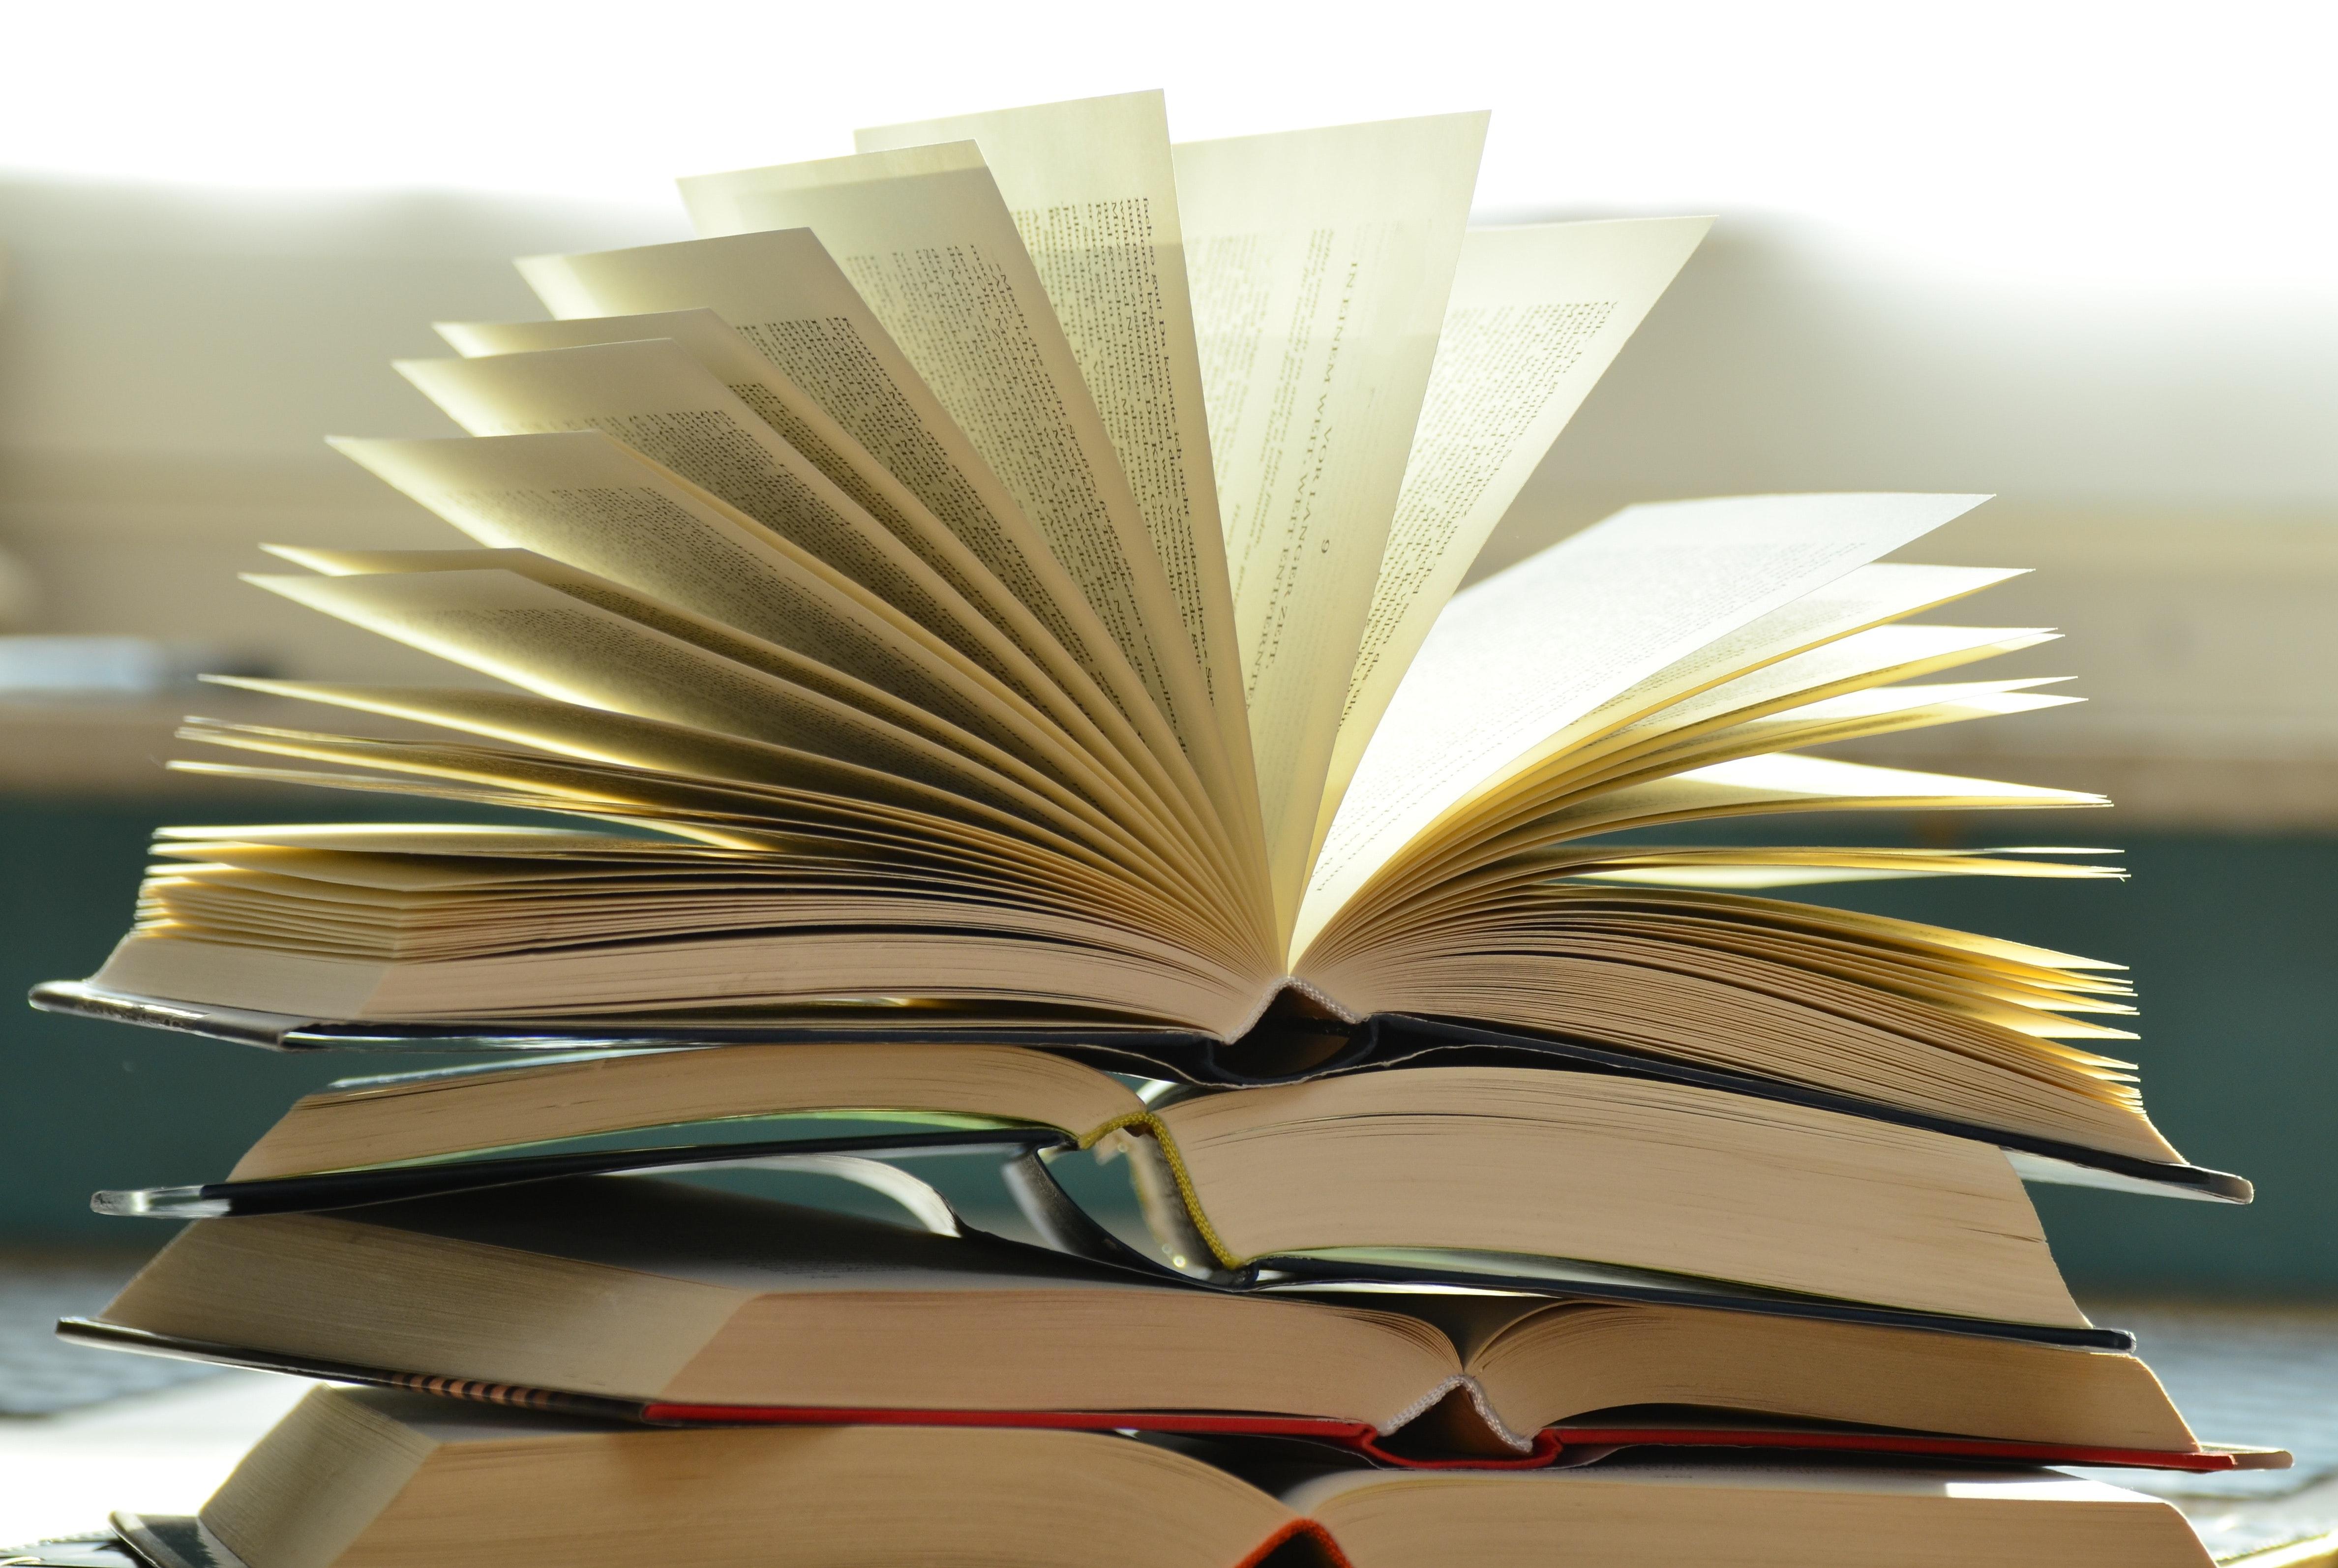 500+ Beautiful Books Photos · Pexels · Free Stock Photos